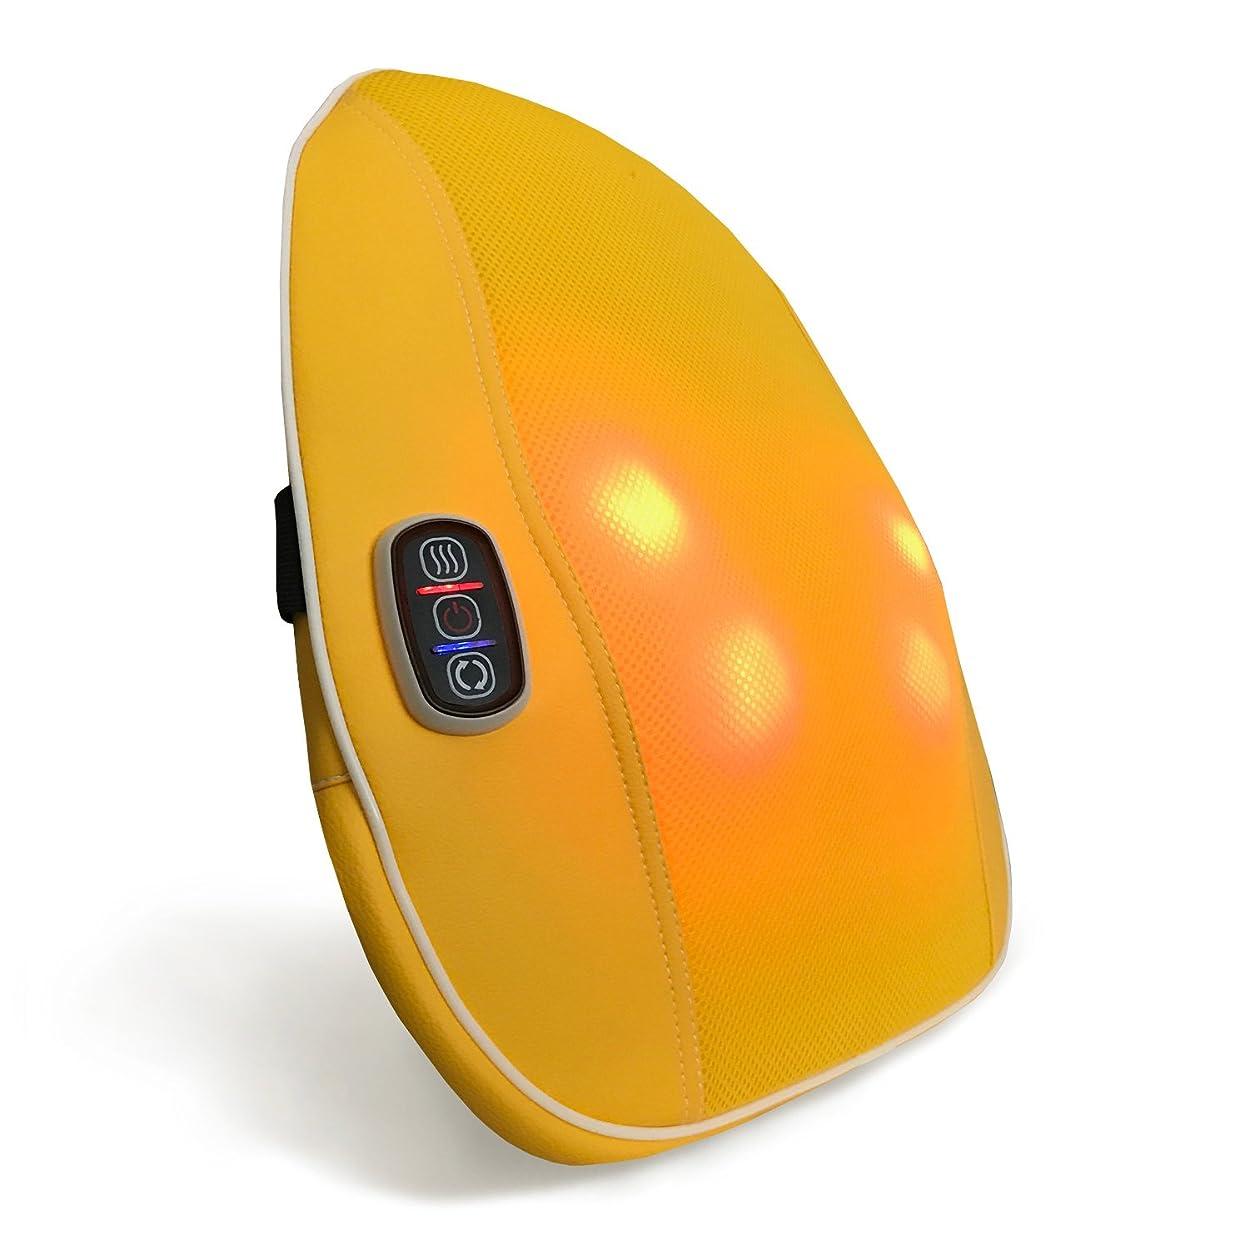 破壊するレンジ火傷クロシオ スマートマッサージャー パプリカ イエロー 幅40cm 厚み9cm もみ玉式マッサージ器 薄型 簡単操作 マッサージクッション